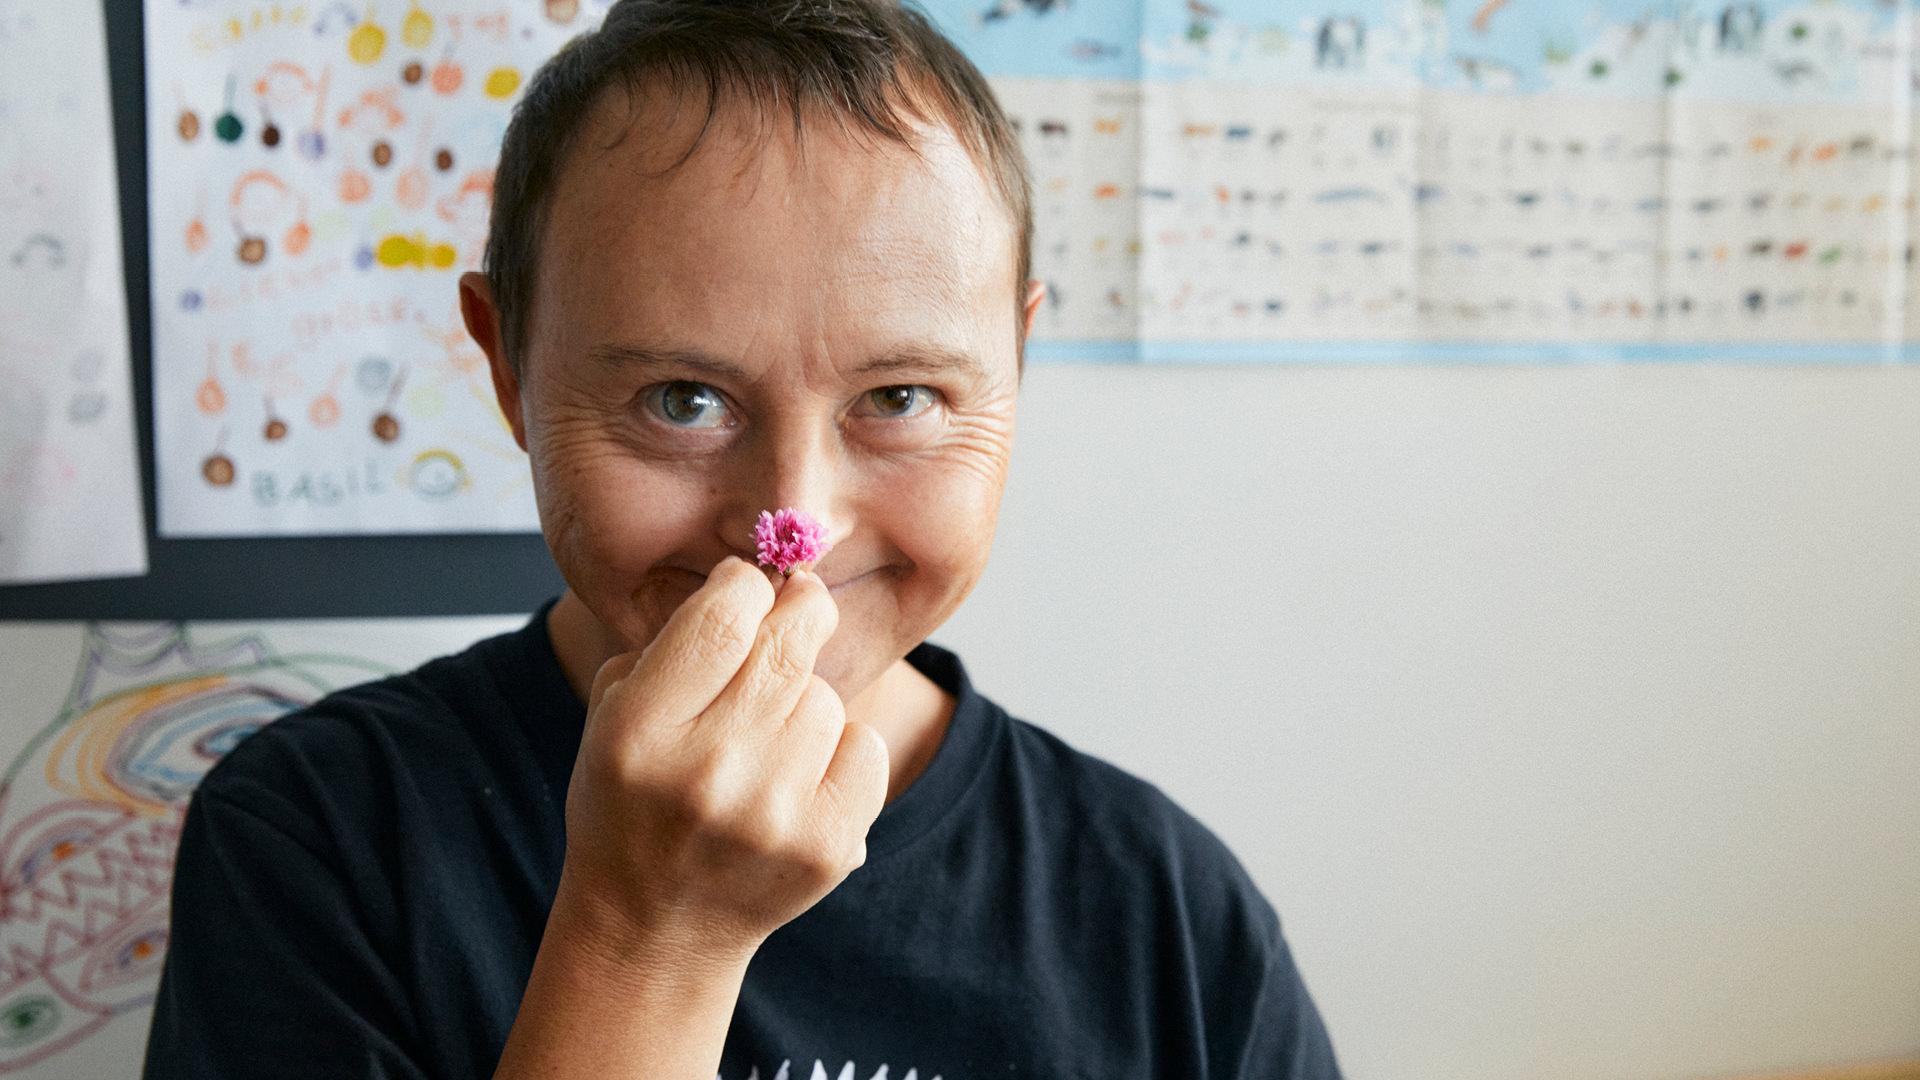 Bewohner der Martin Stiftung hält sich pinke Blüte an die Nase und lacht.